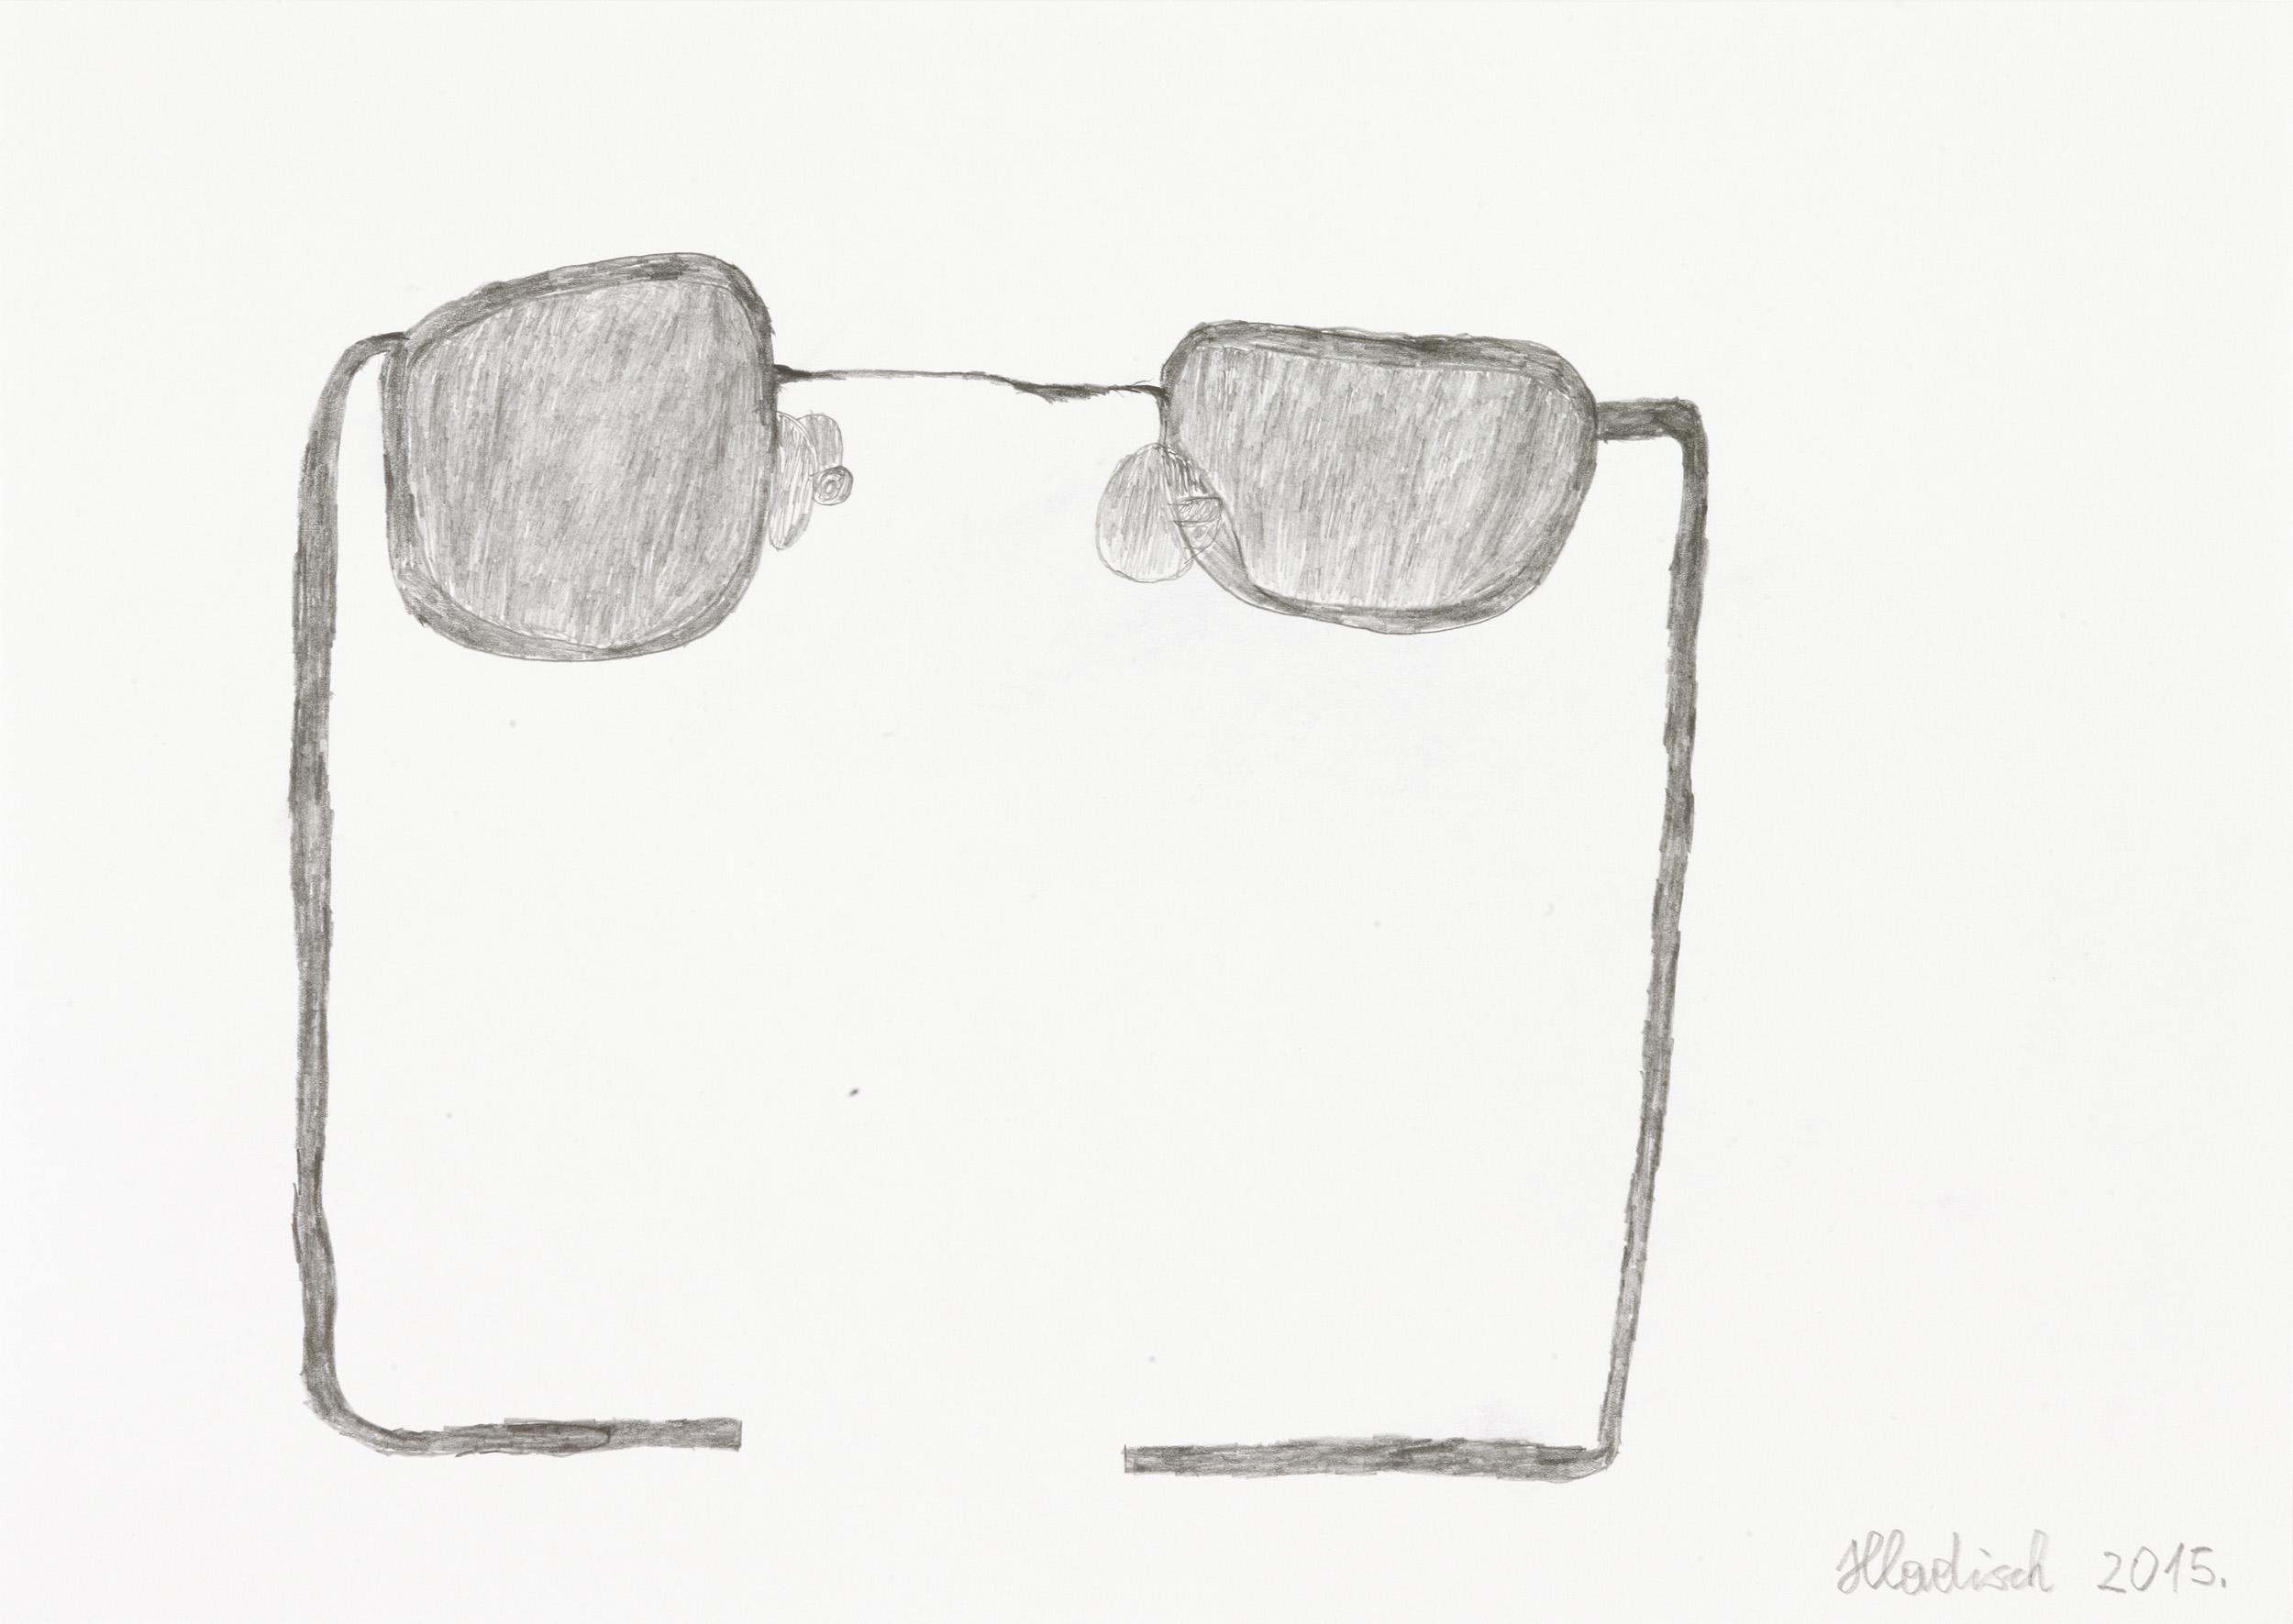 hladisch helmut - Lesebrille / Reading glasses